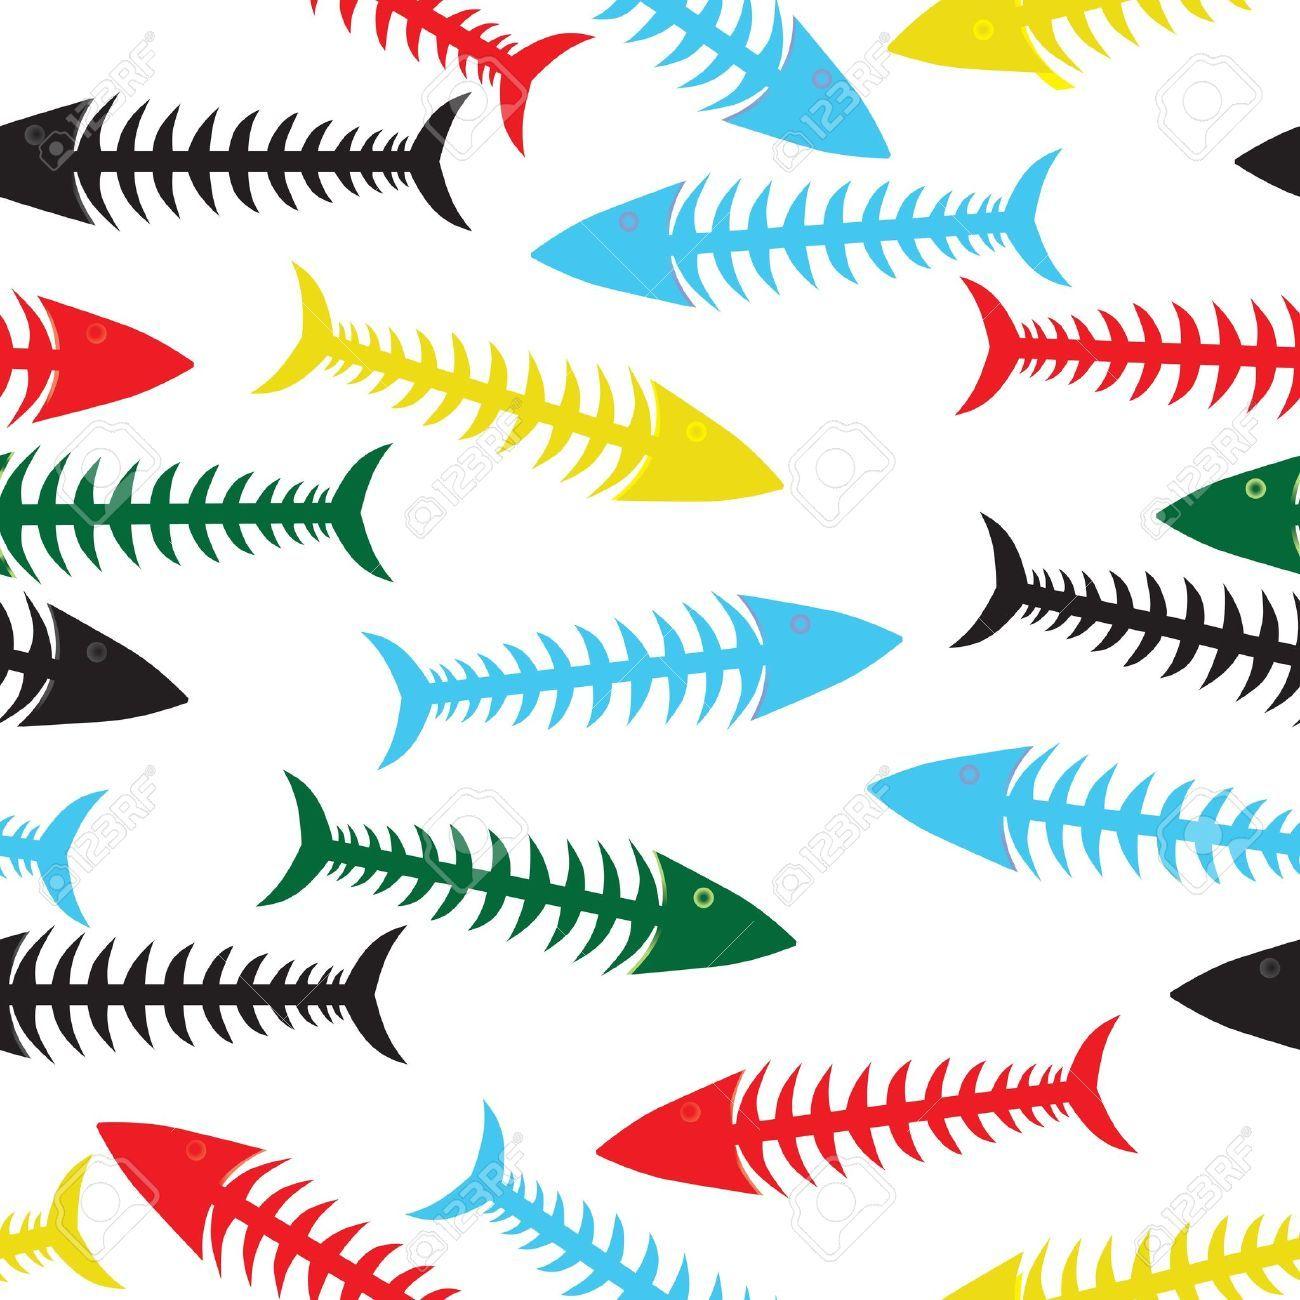 2018 年の「「魚 骨 イラスト」の画像検索結果   8d」   pinterest   魚